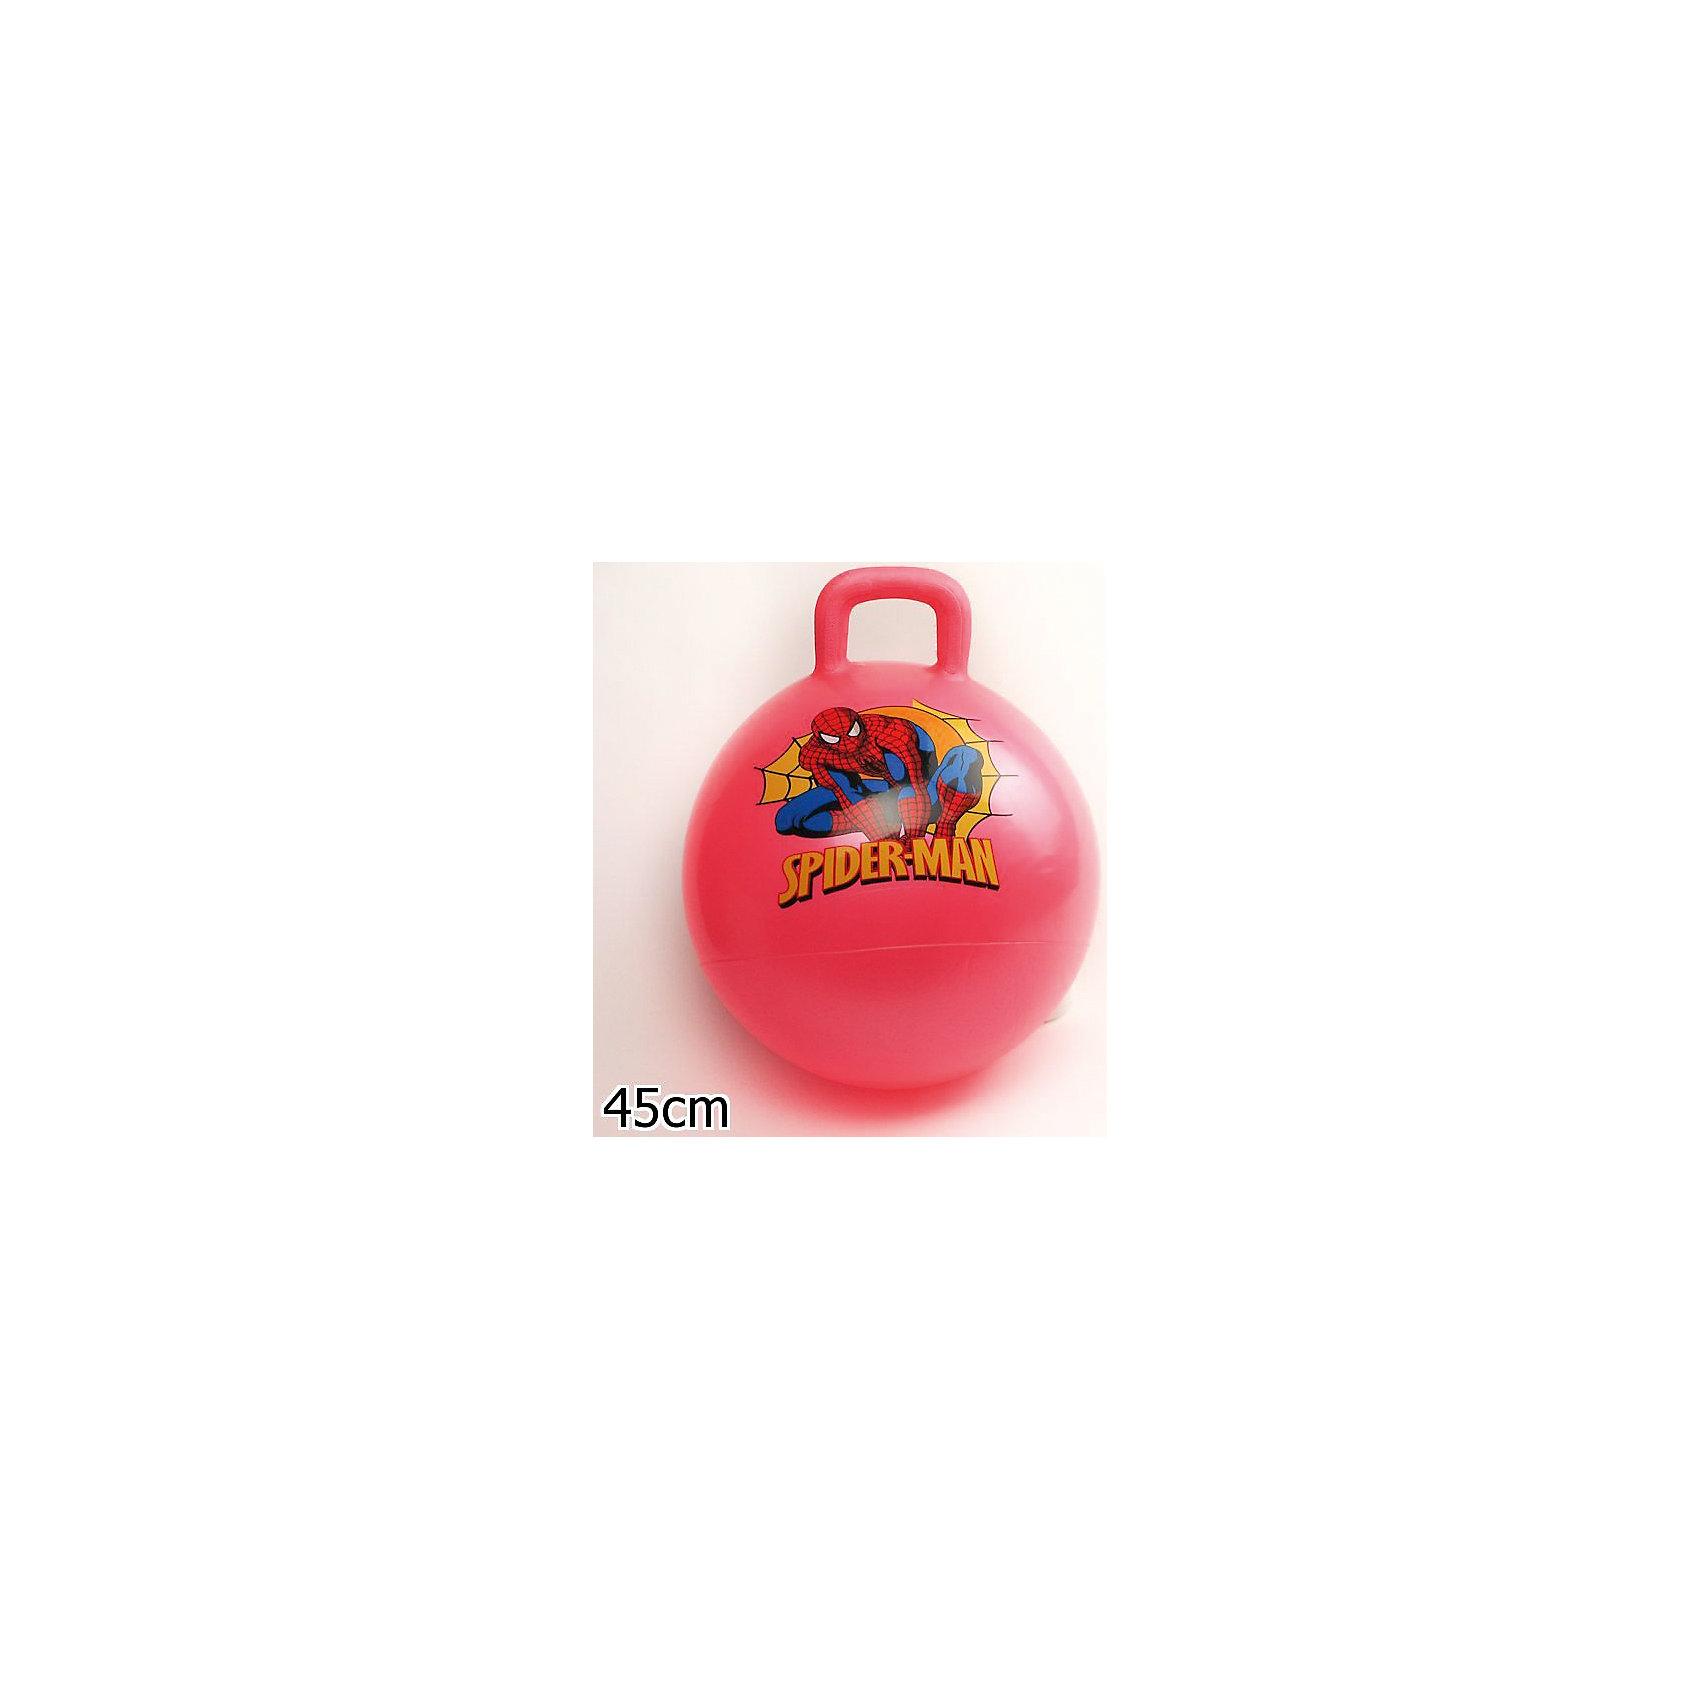 Мяч с ручкой, 45 см, Человек-Паук, Играем вместеПопулярные игрушки<br>Мяч-попрыгун с ручкой выполнен из высококачественных прочных полимерных материалов. Ребенку понравится прыгать на нем. Веселые игры с мячом не только принесут множество положительных эмоций и улыбок, но и помогут детям улучшить координацию движений, потренируют вестибулярный аппарат, укрепят мышцы ног, рук и спины.<br><br>Дополнительная информация:<br><br>- Материал: ПВХ.<br>- Размер: d - 45 см.<br>- Максимальный вес ребенка: 70 кг.  <br>- Цвет в ассортименте.<br>ВНИМАНИЕ! Данный артикул представлен в разных цветовых вариантах. К сожалению, заранее выбрать определенный вариант невозможно. При заказе нескольких мячей возможно получение одинаковых.<br><br>Мяч с ручкой, 45 см, Человек-Паук (Spider-Man), Играем вместе, в ассортименте, можно купить в нашем магазине.<br><br>Ширина мм: 380<br>Глубина мм: 500<br>Высота мм: 510<br>Вес г: 630<br>Возраст от месяцев: 36<br>Возраст до месяцев: 144<br>Пол: Мужской<br>Возраст: Детский<br>SKU: 4616850